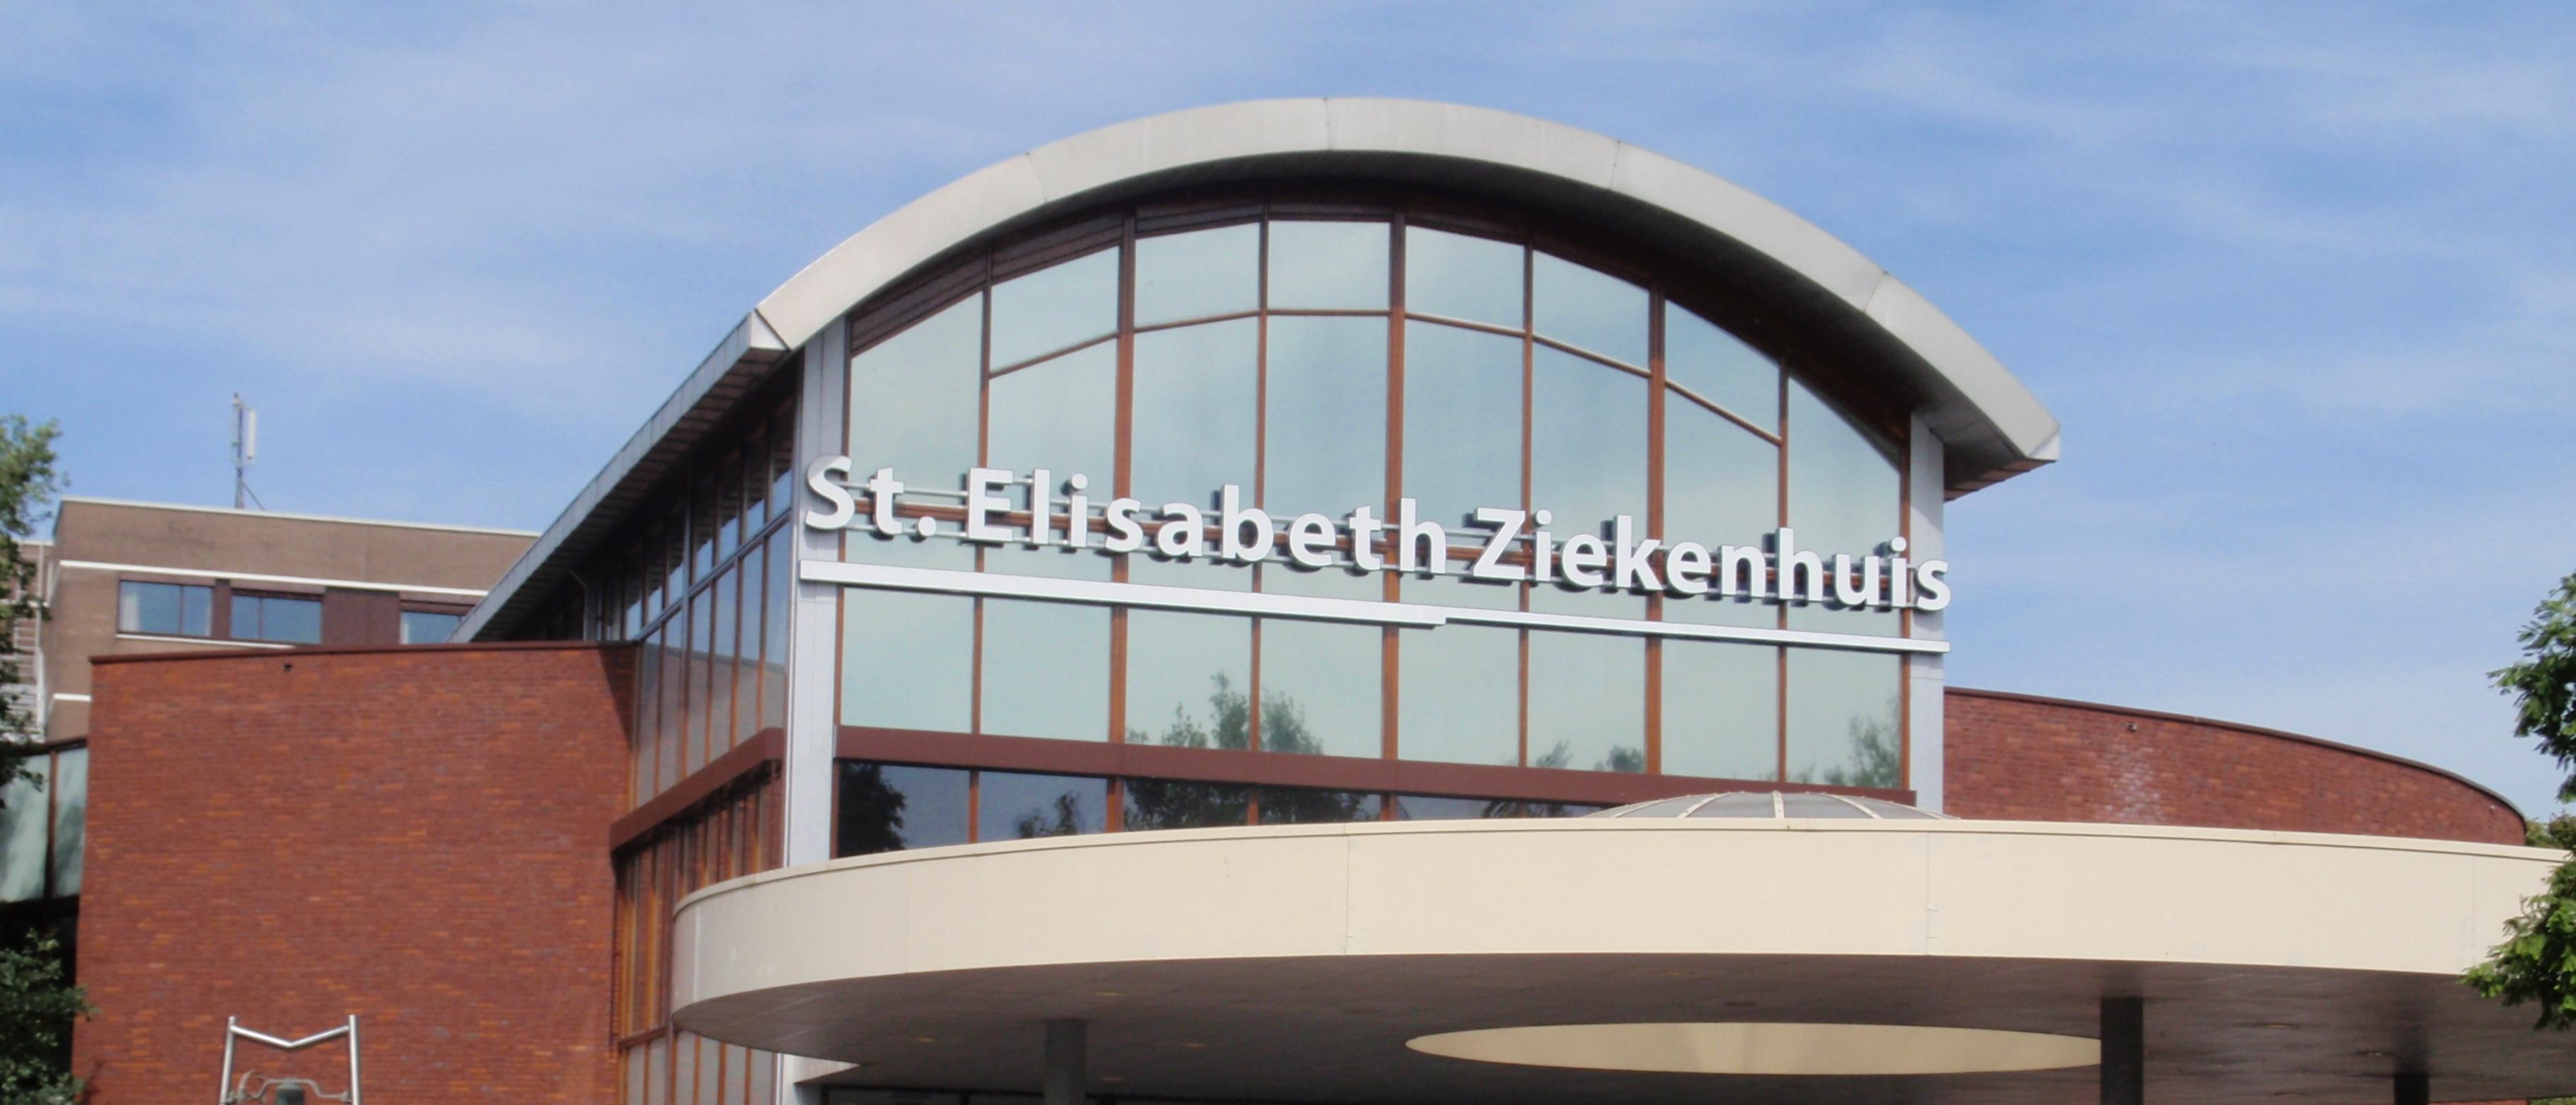 Hoe ETZ 'Melden & Analyseren' inzet als monitoring tool